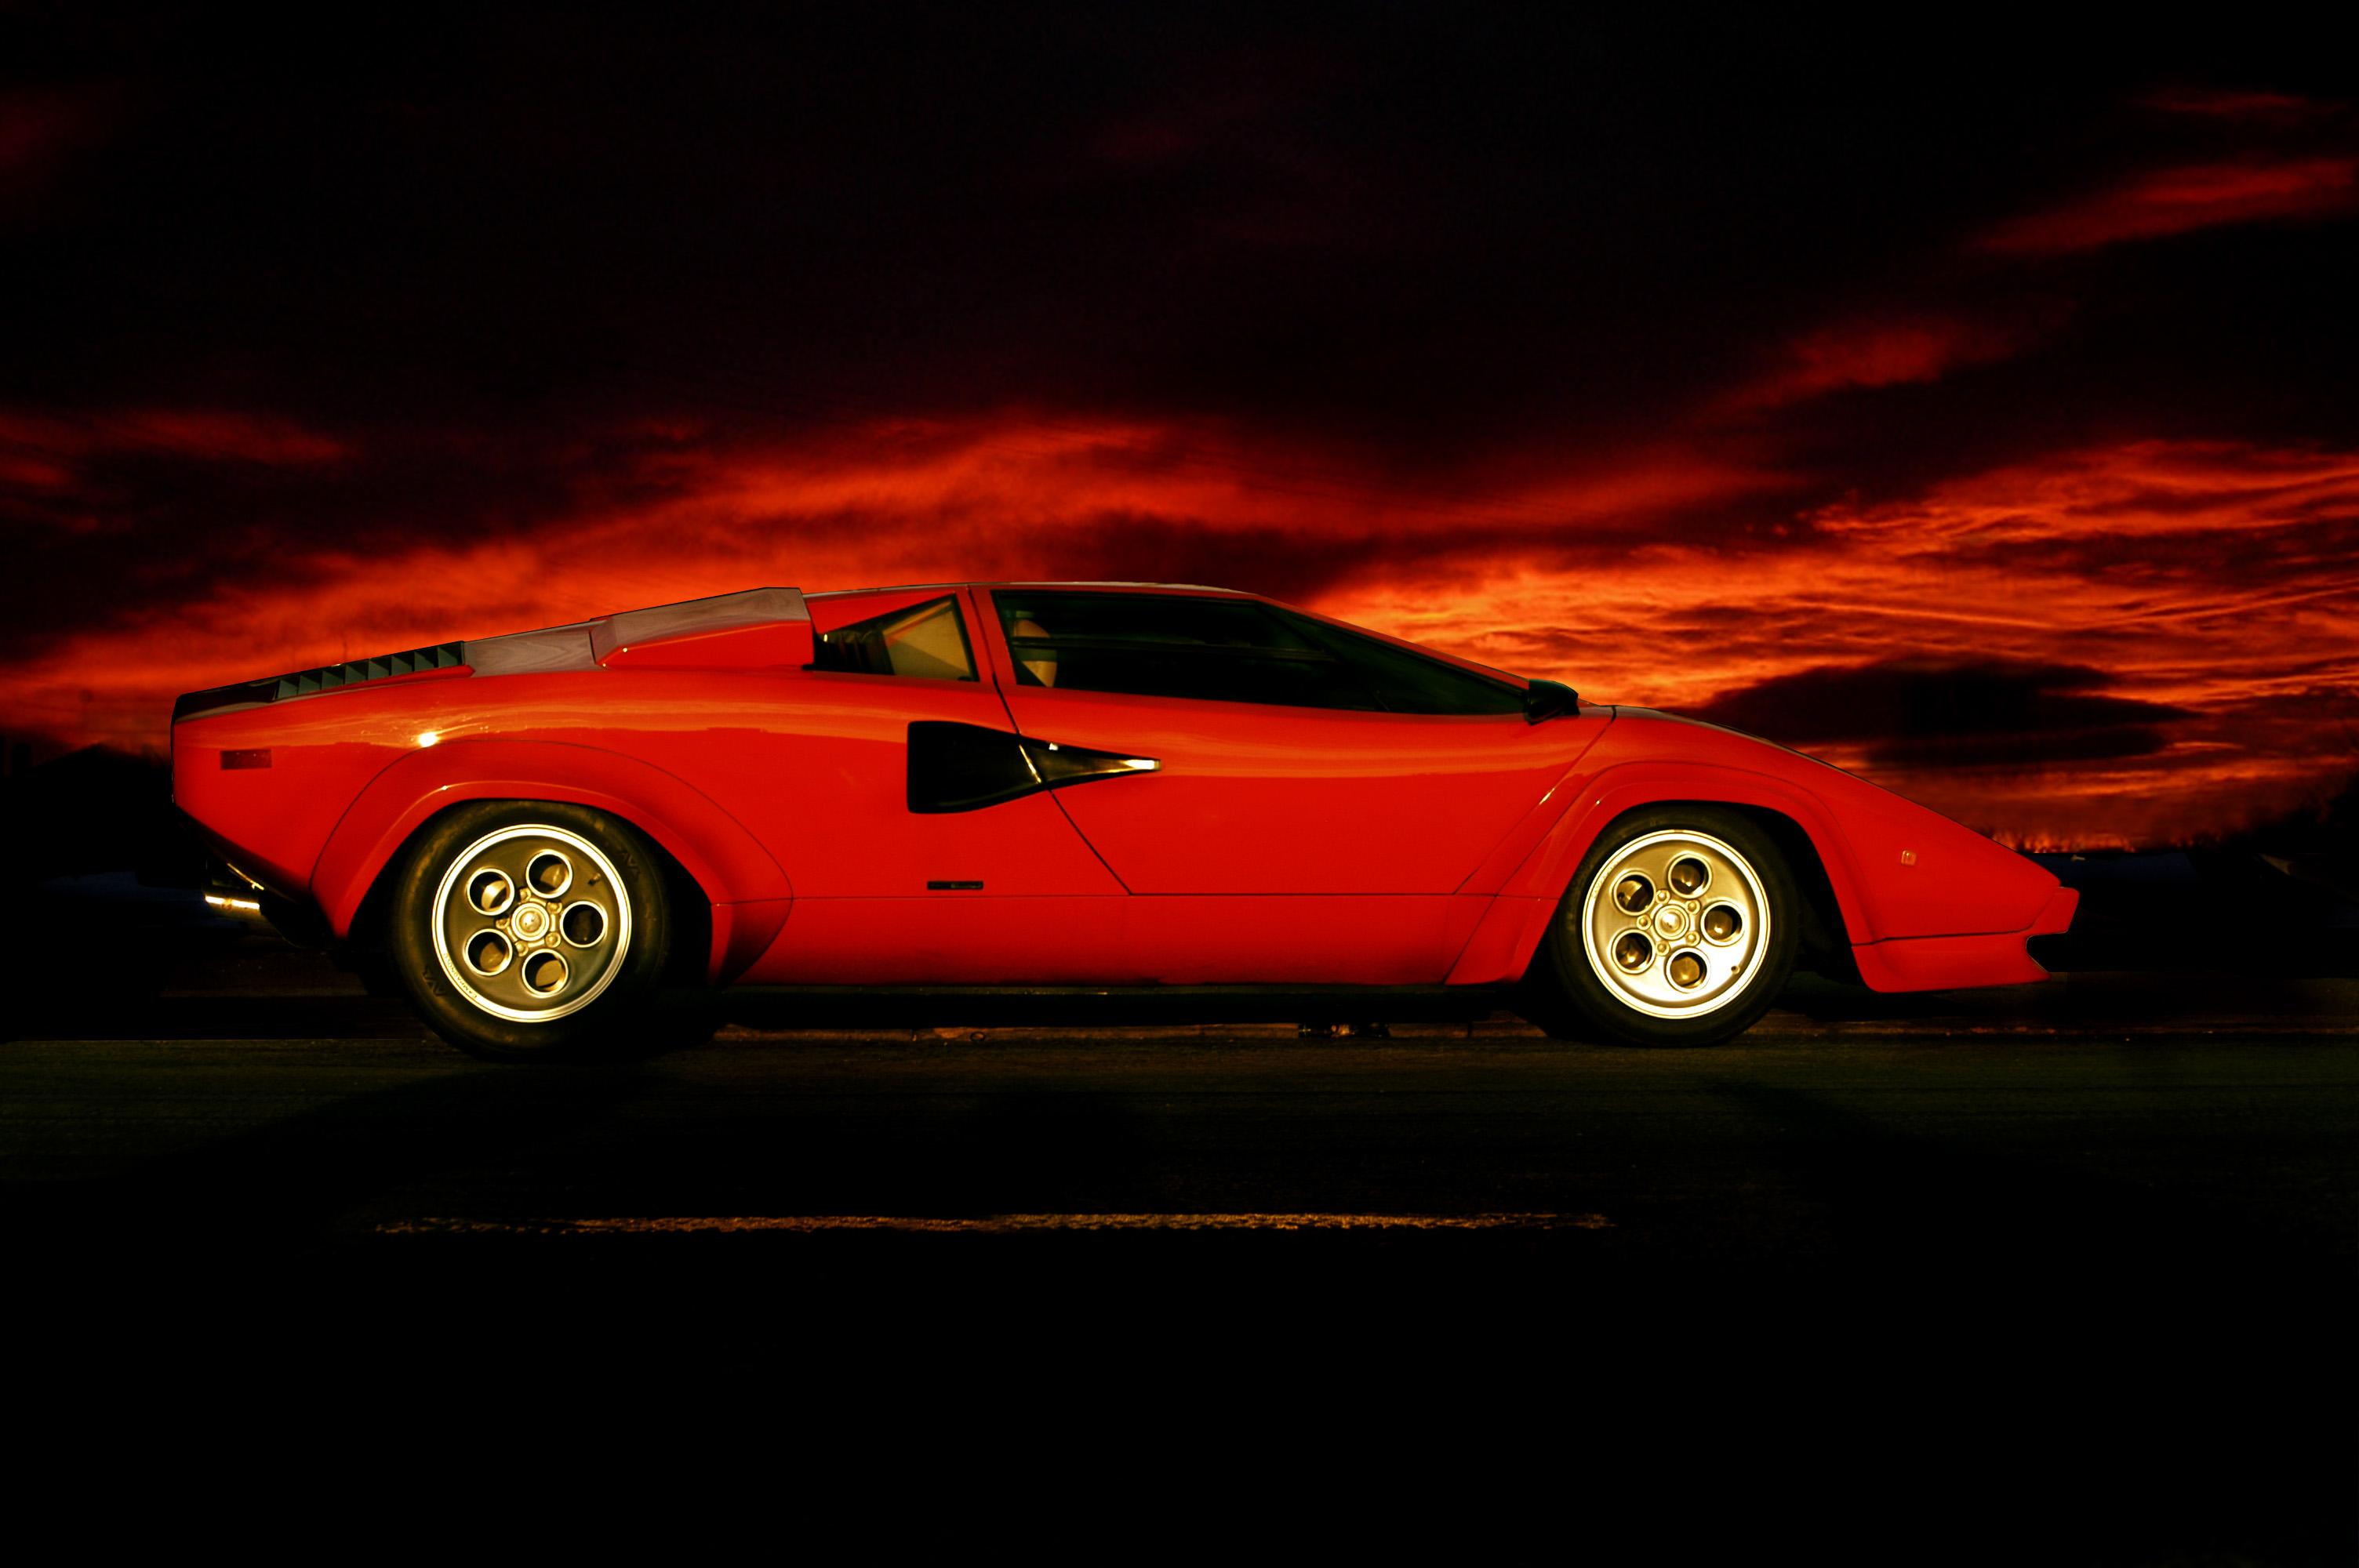 Wallpaper  italian, 80s, Diablo, Lamborghini, supercar